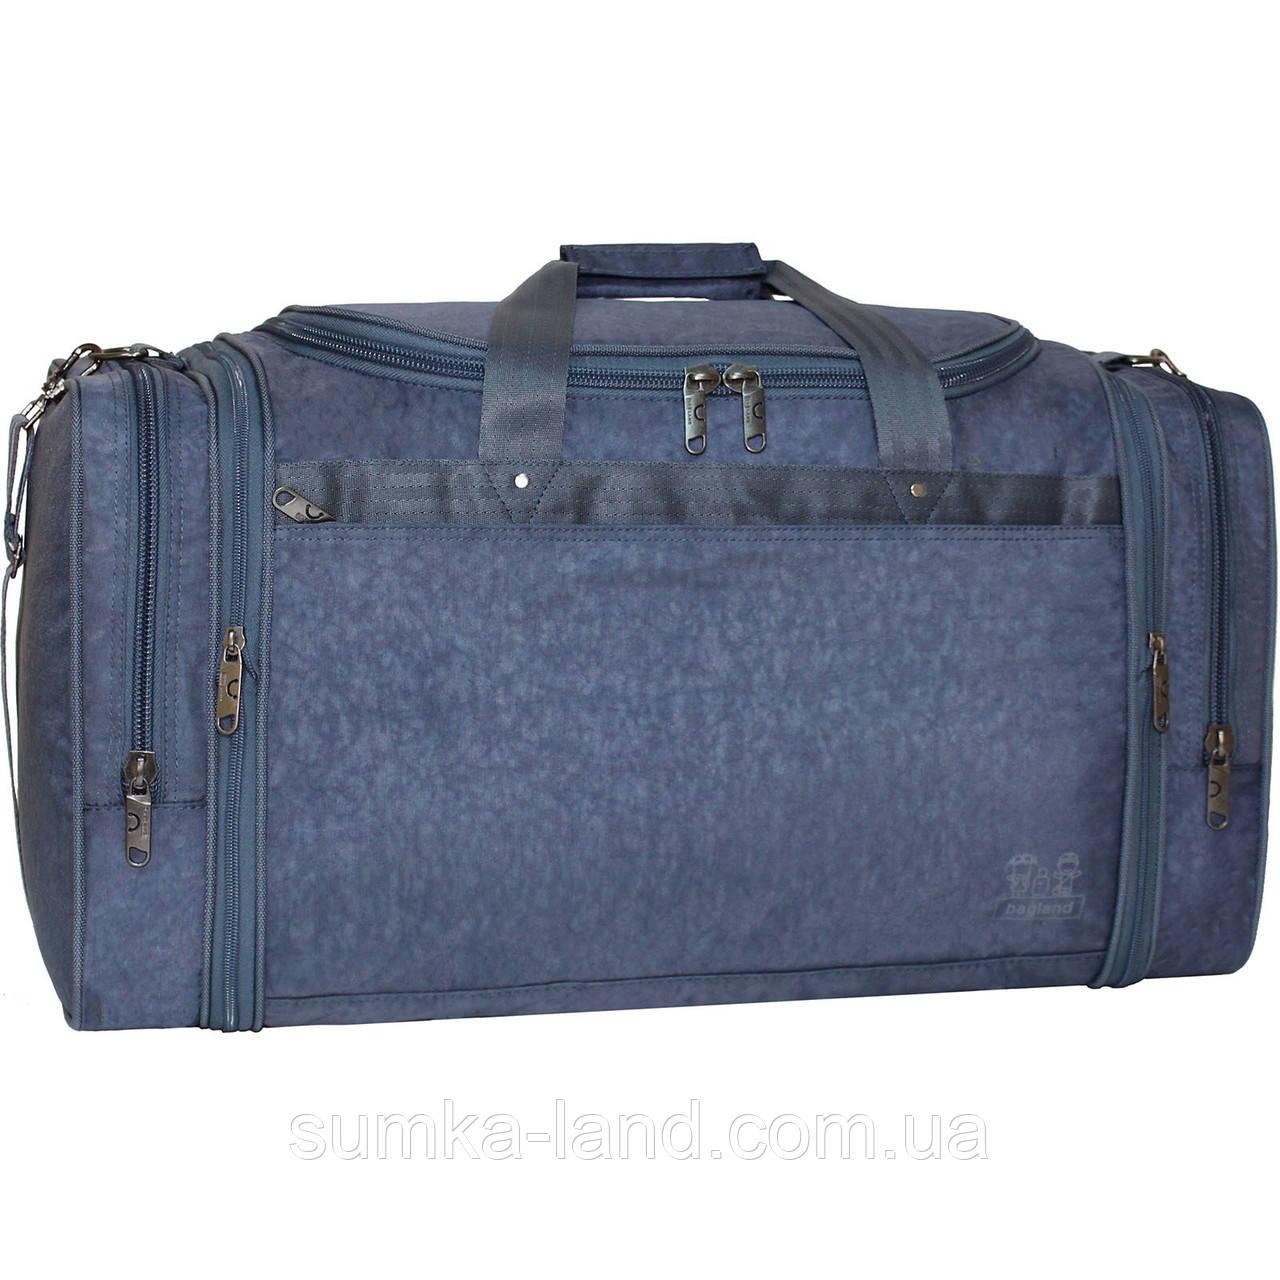 47d63a4ab9ab Дорожная сумка Bagland Мюнхен 59 л, Трансформмер, 32*62*30 см (серый ...